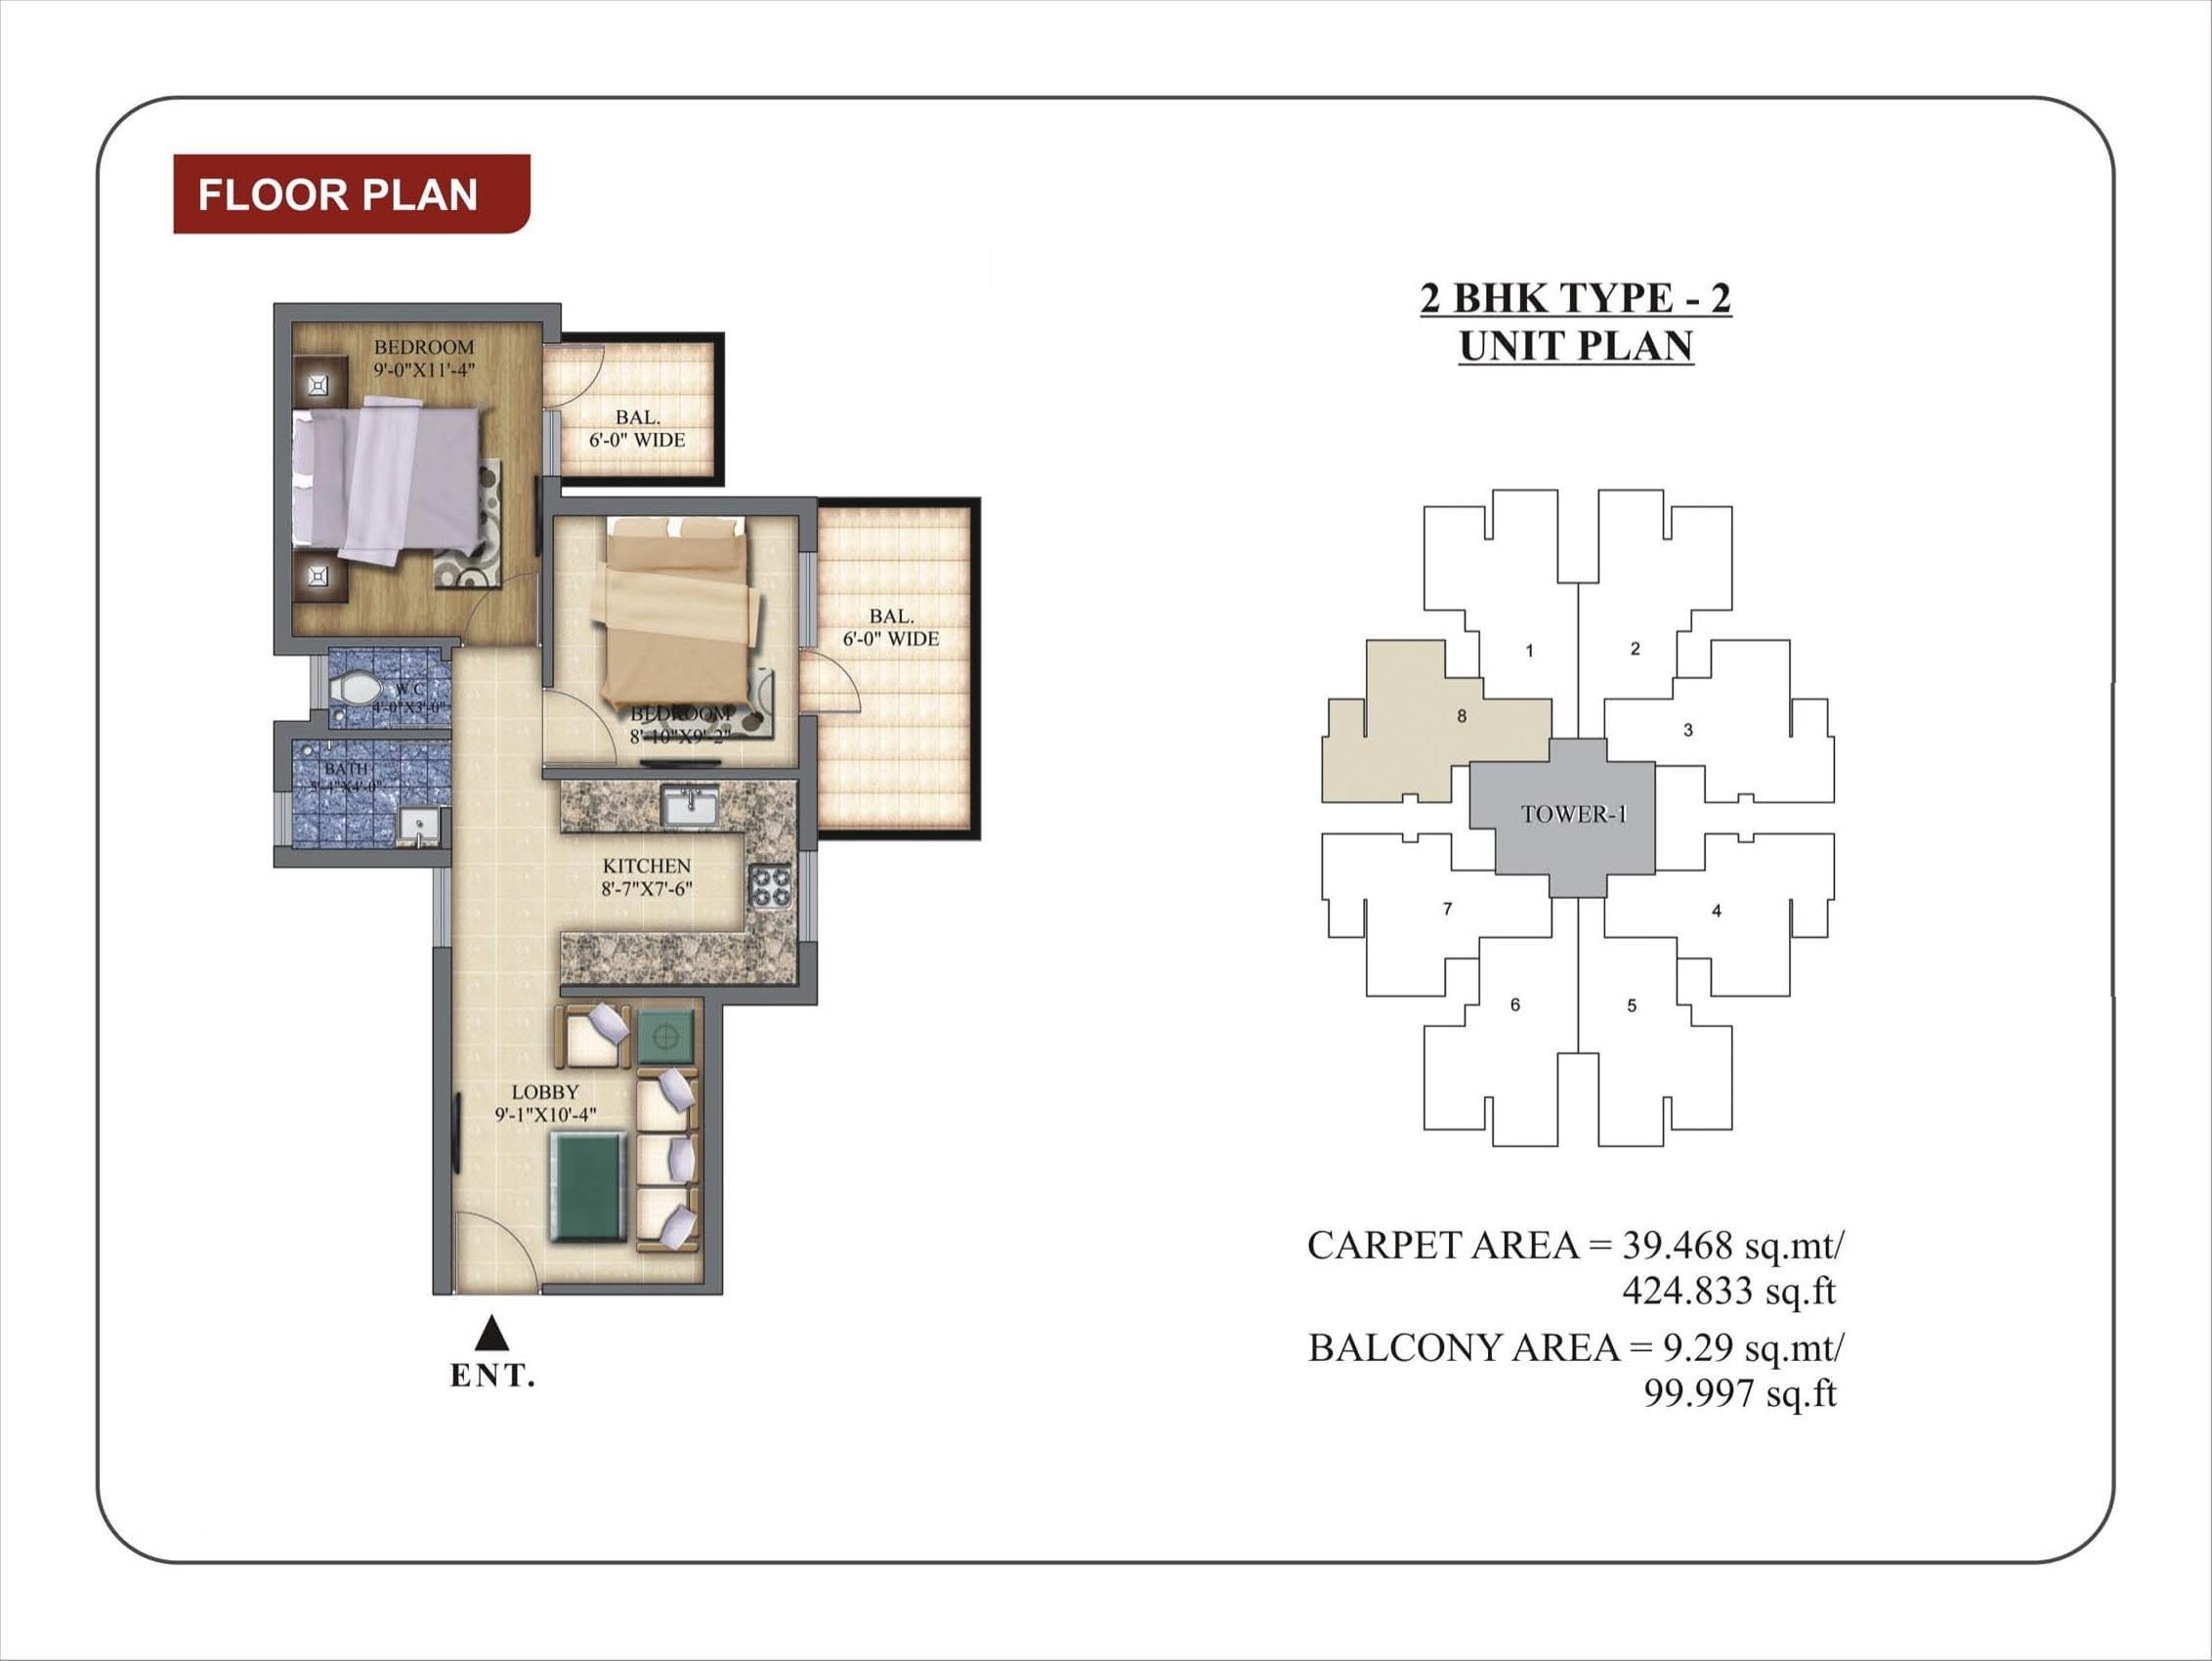 2 BHK - 2 Layout Plan